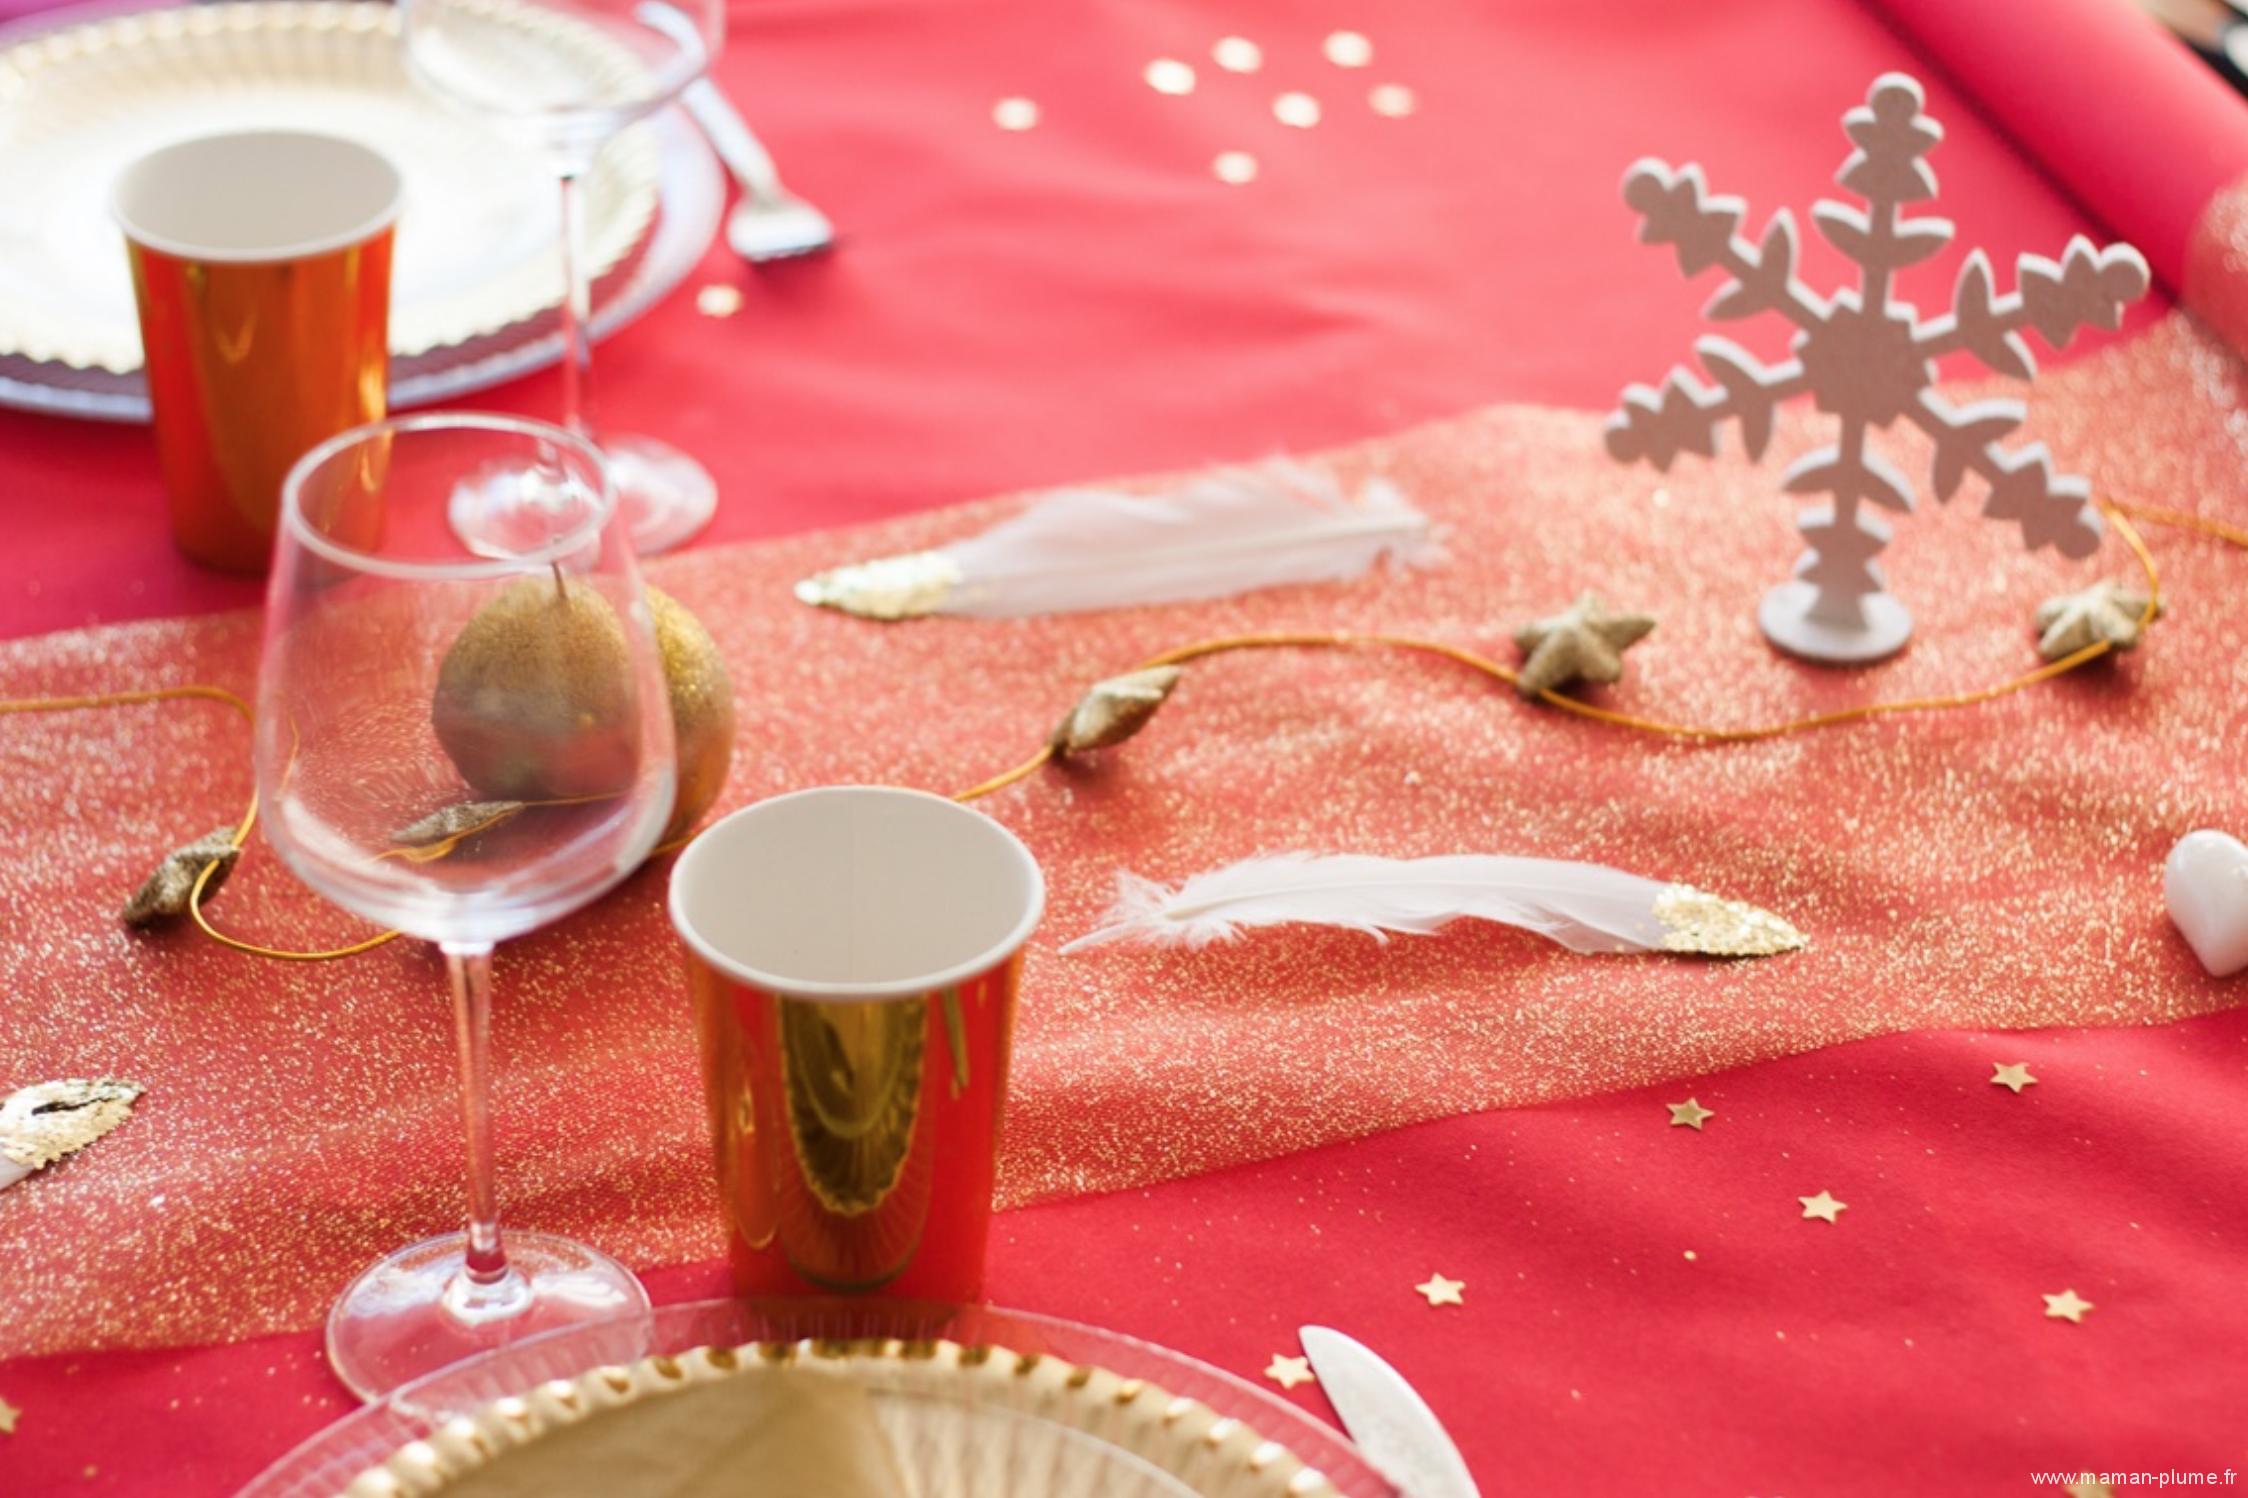 Decoration de table noel 2016 blog maman le blog de maman plume - Decoration de noel 2016 ...